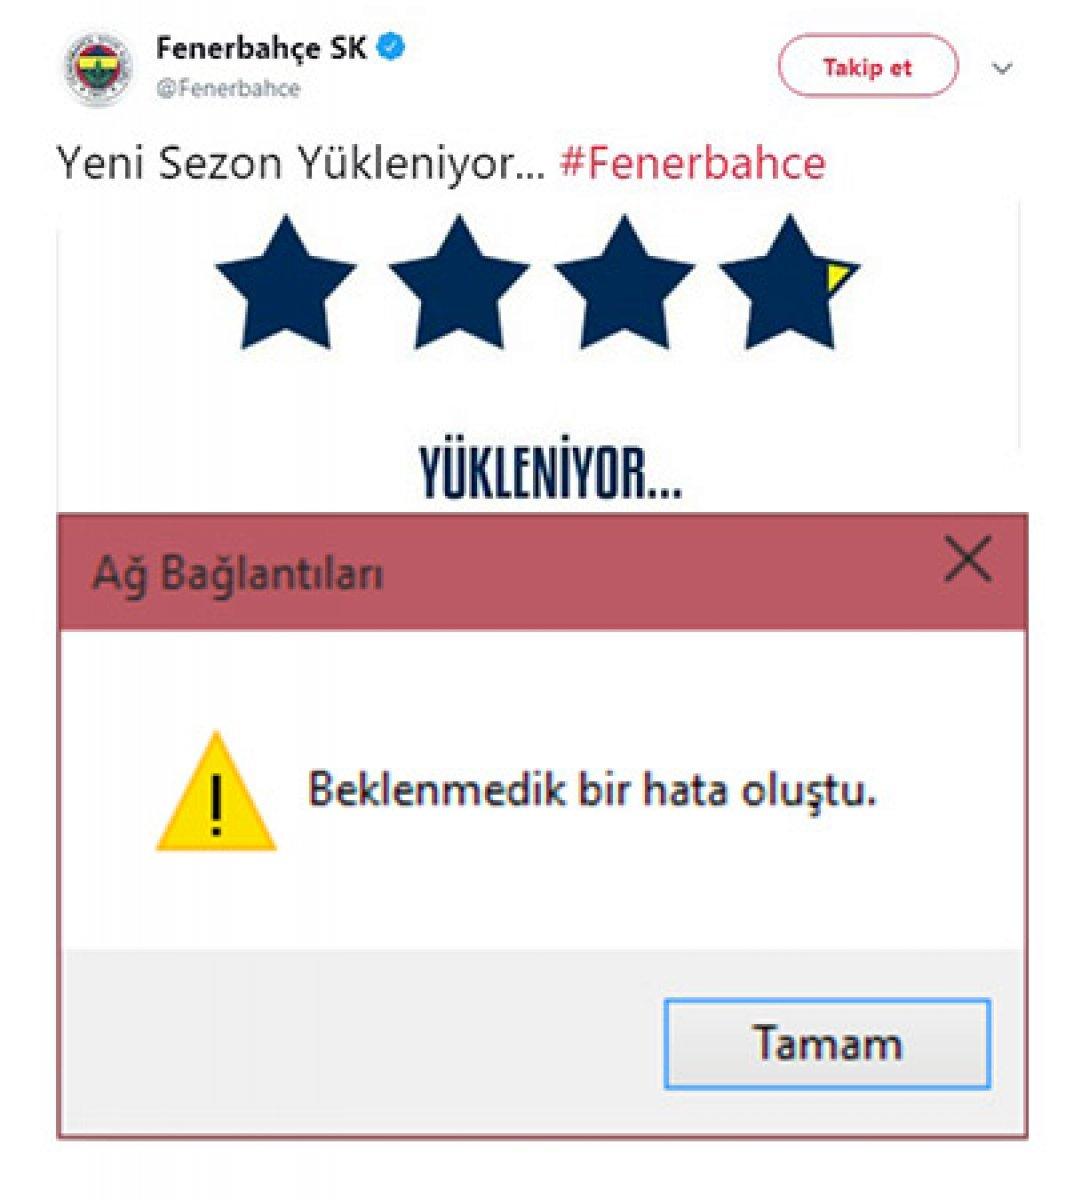 Fenerbahçe 4. yıldızı bu sezon da takamadı #2